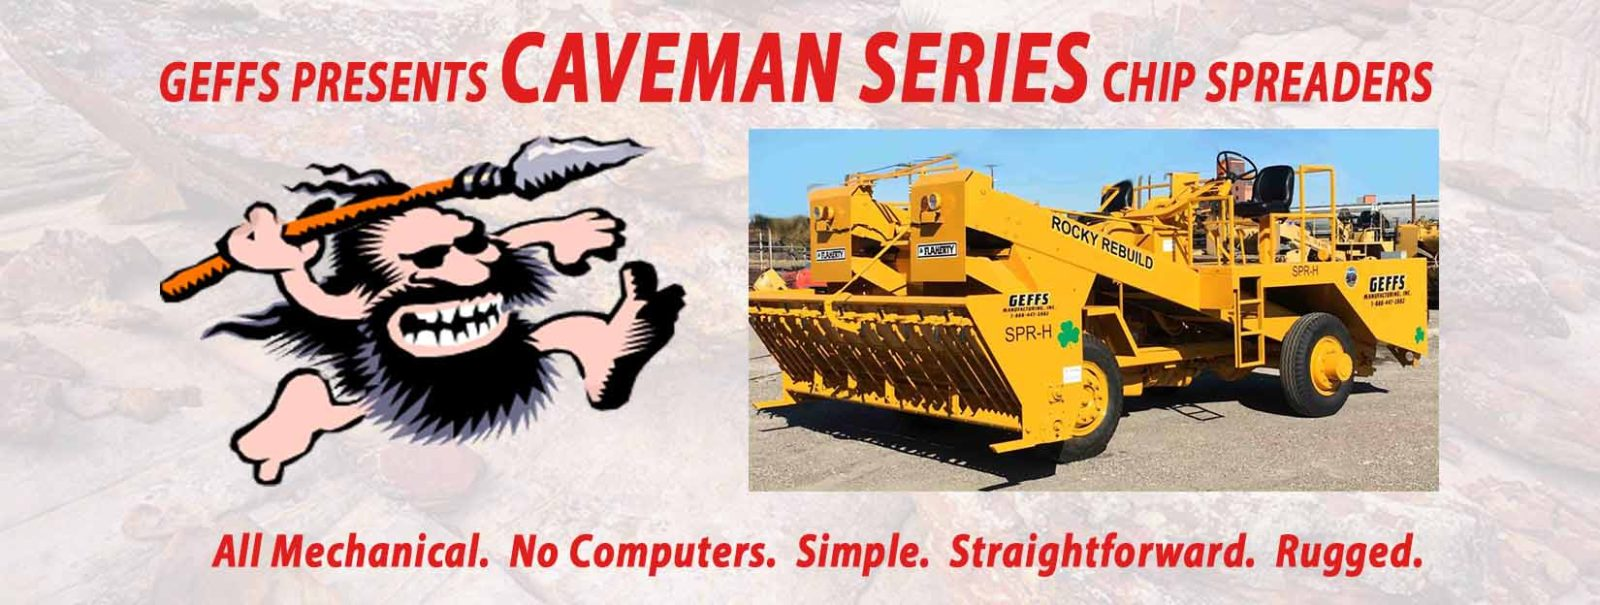 image of caveman chip spreader slider